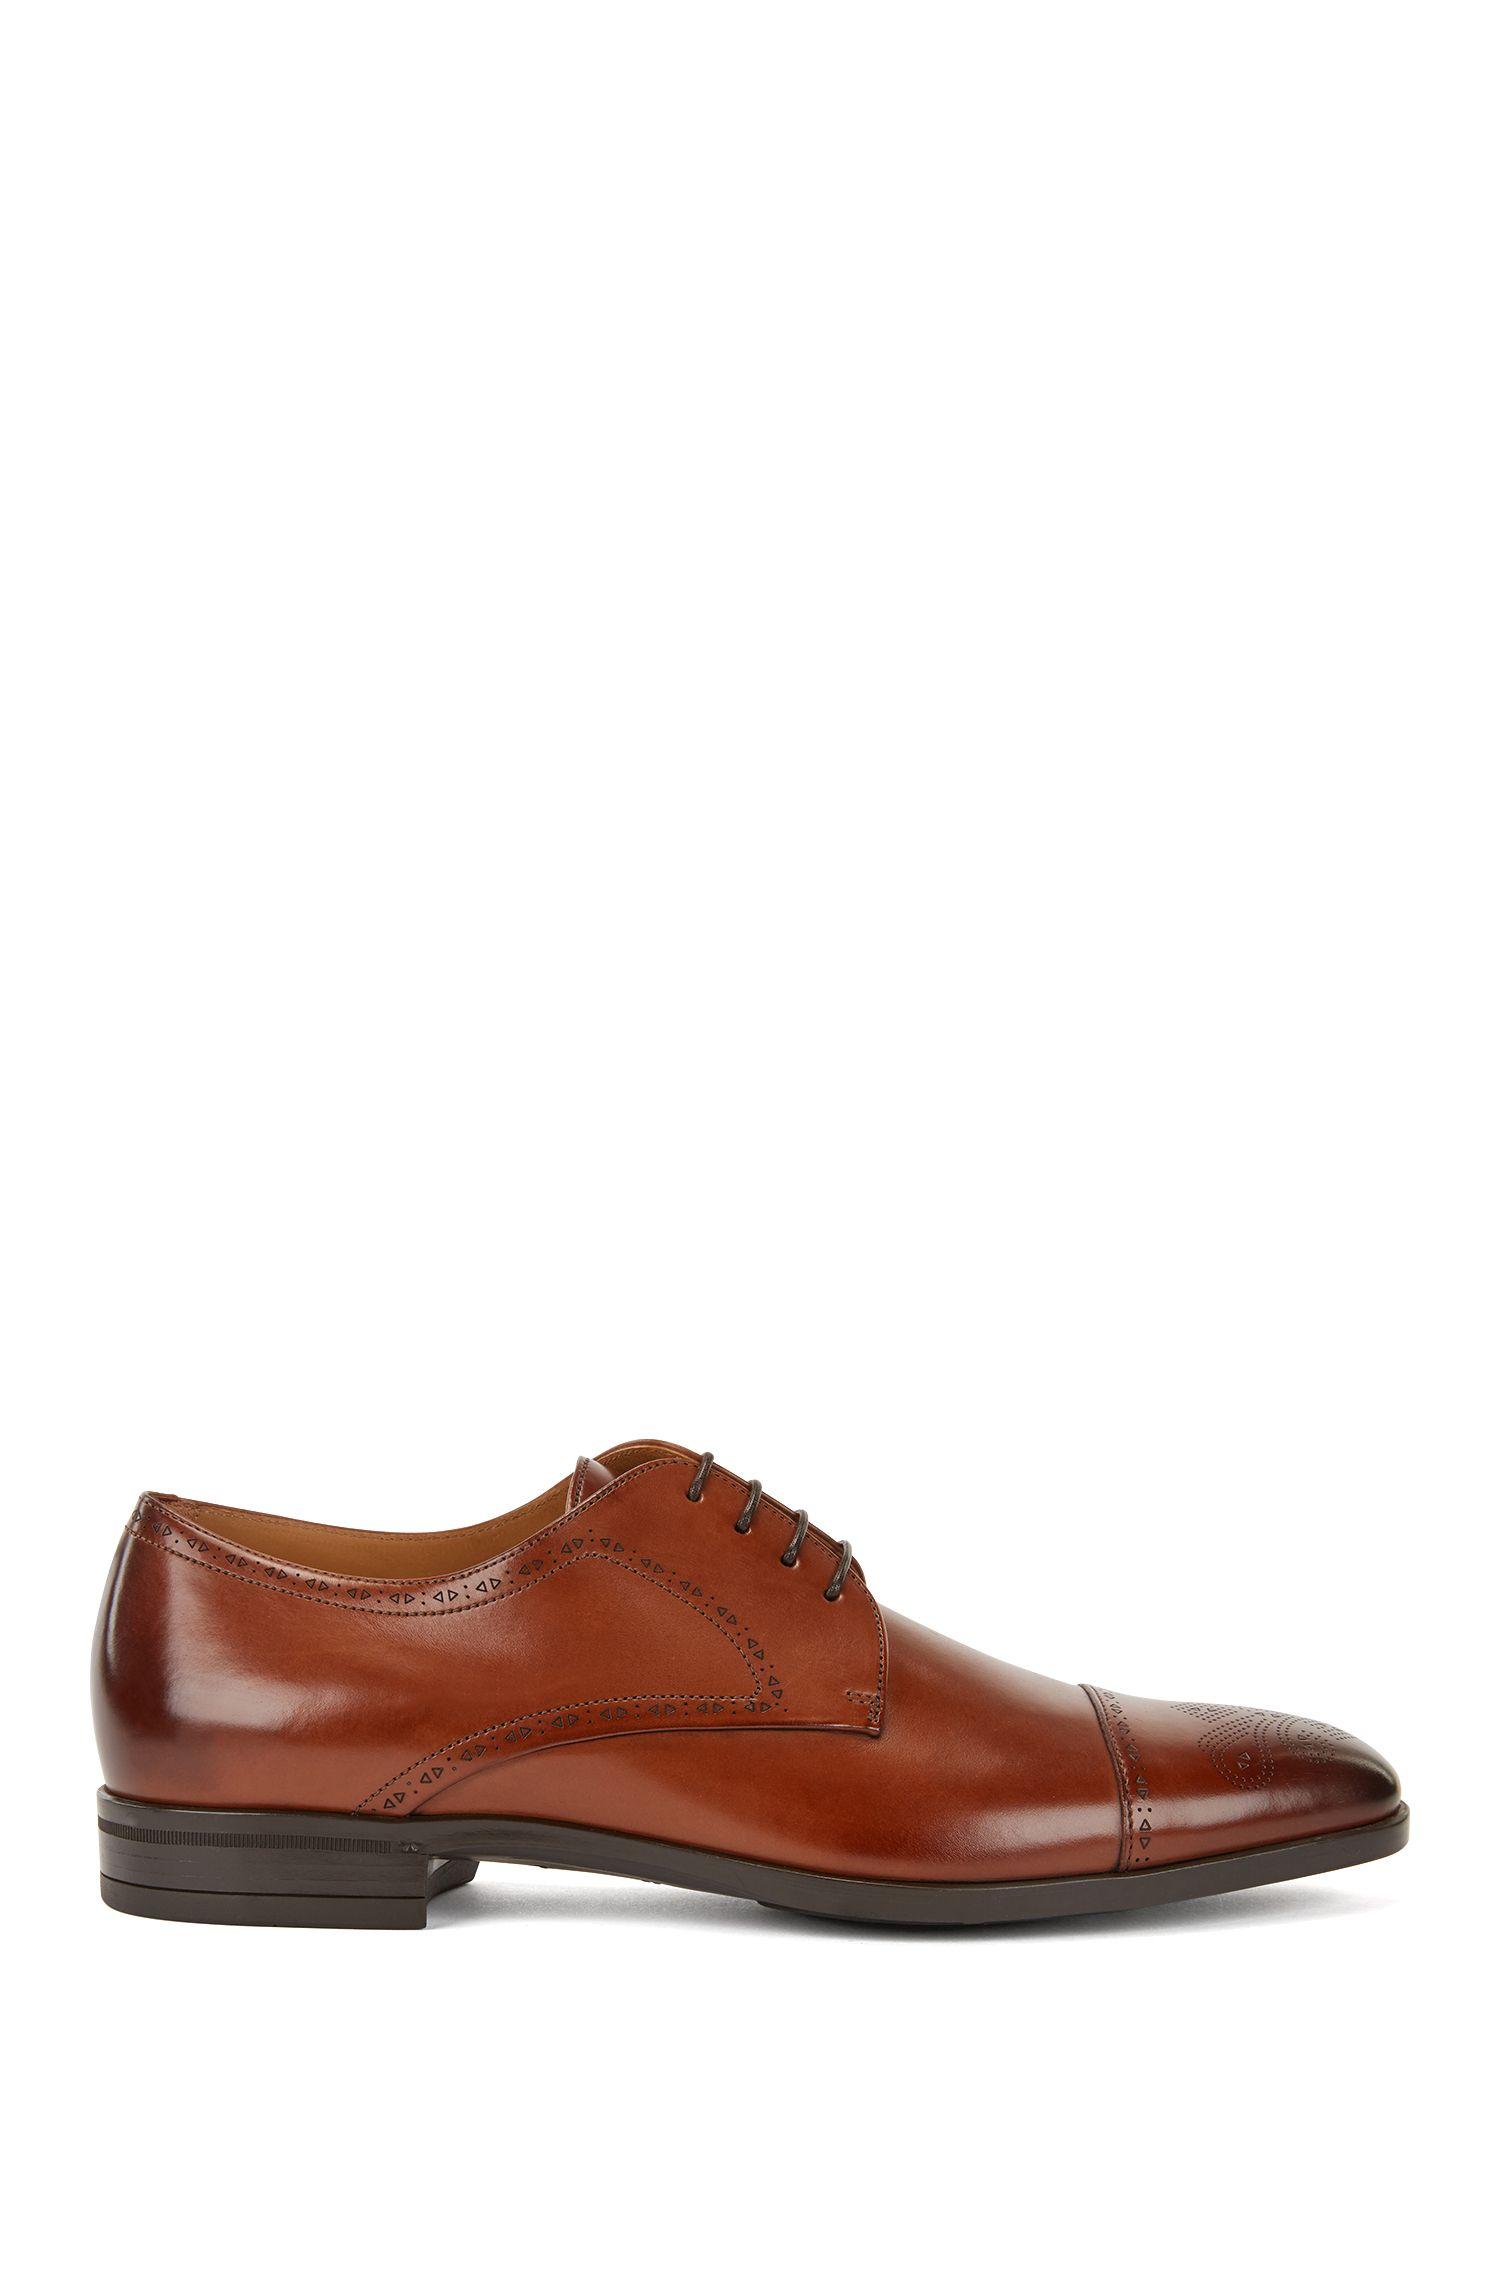 Zapatos Derby de piel pulida cortados a láser con detalles calados, Marrón